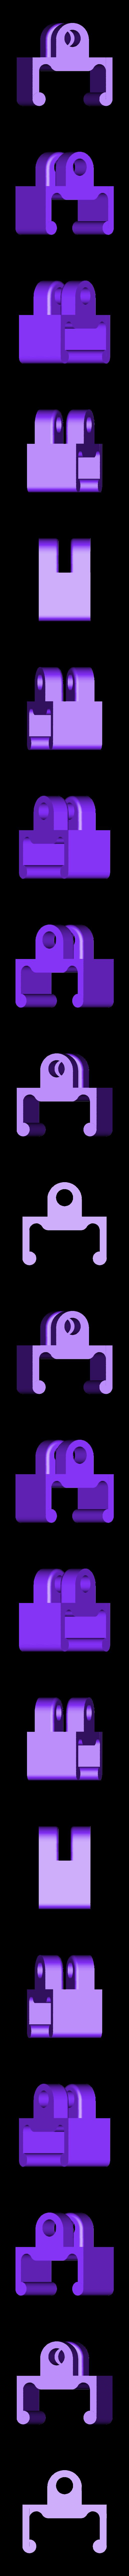 E5_-_20mm_Clip_top_Saddle_v1.stl Télécharger fichier STL gratuit Support et selle d'endoscope • Design imprimable en 3D, iamsanman